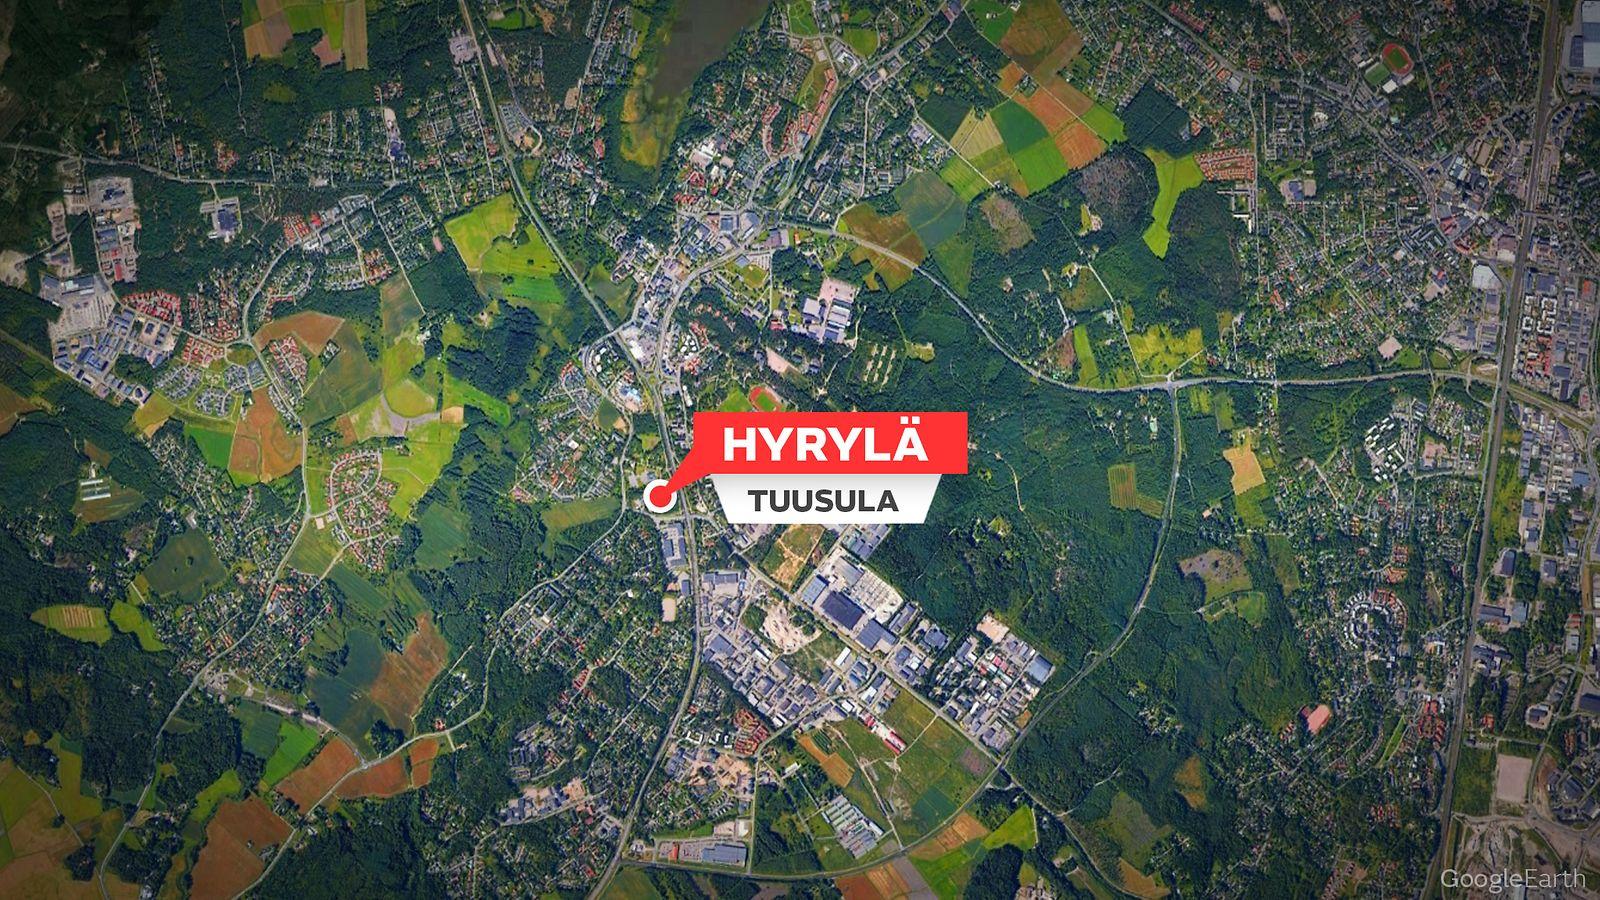 Hyrylan Koulukeskusta Uhannut Henkilo On Tunnistettu Poliisi